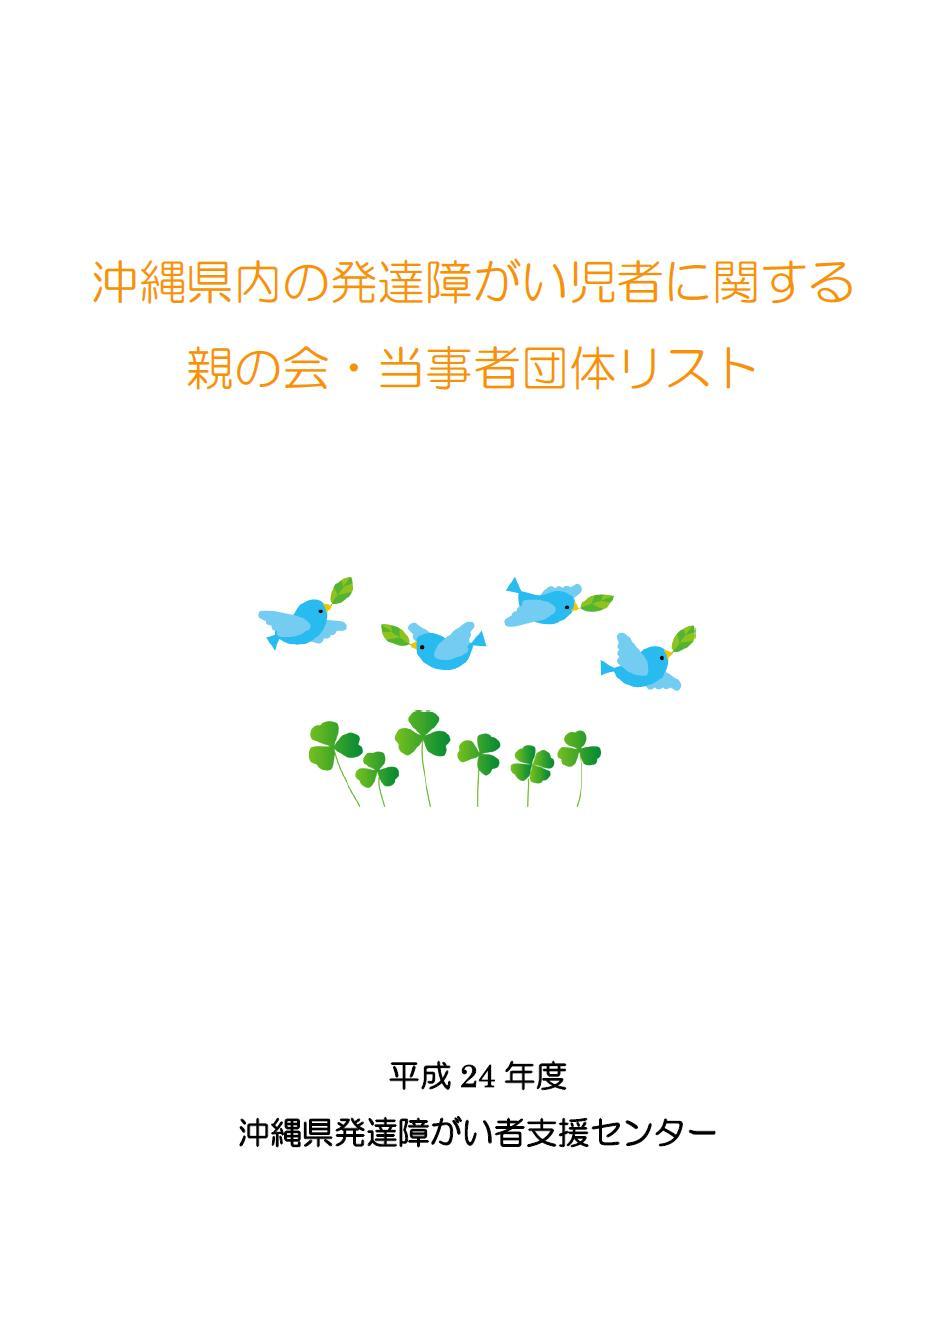 沖縄県内の発達障がい児者支援に関する親の会・当事者団体等